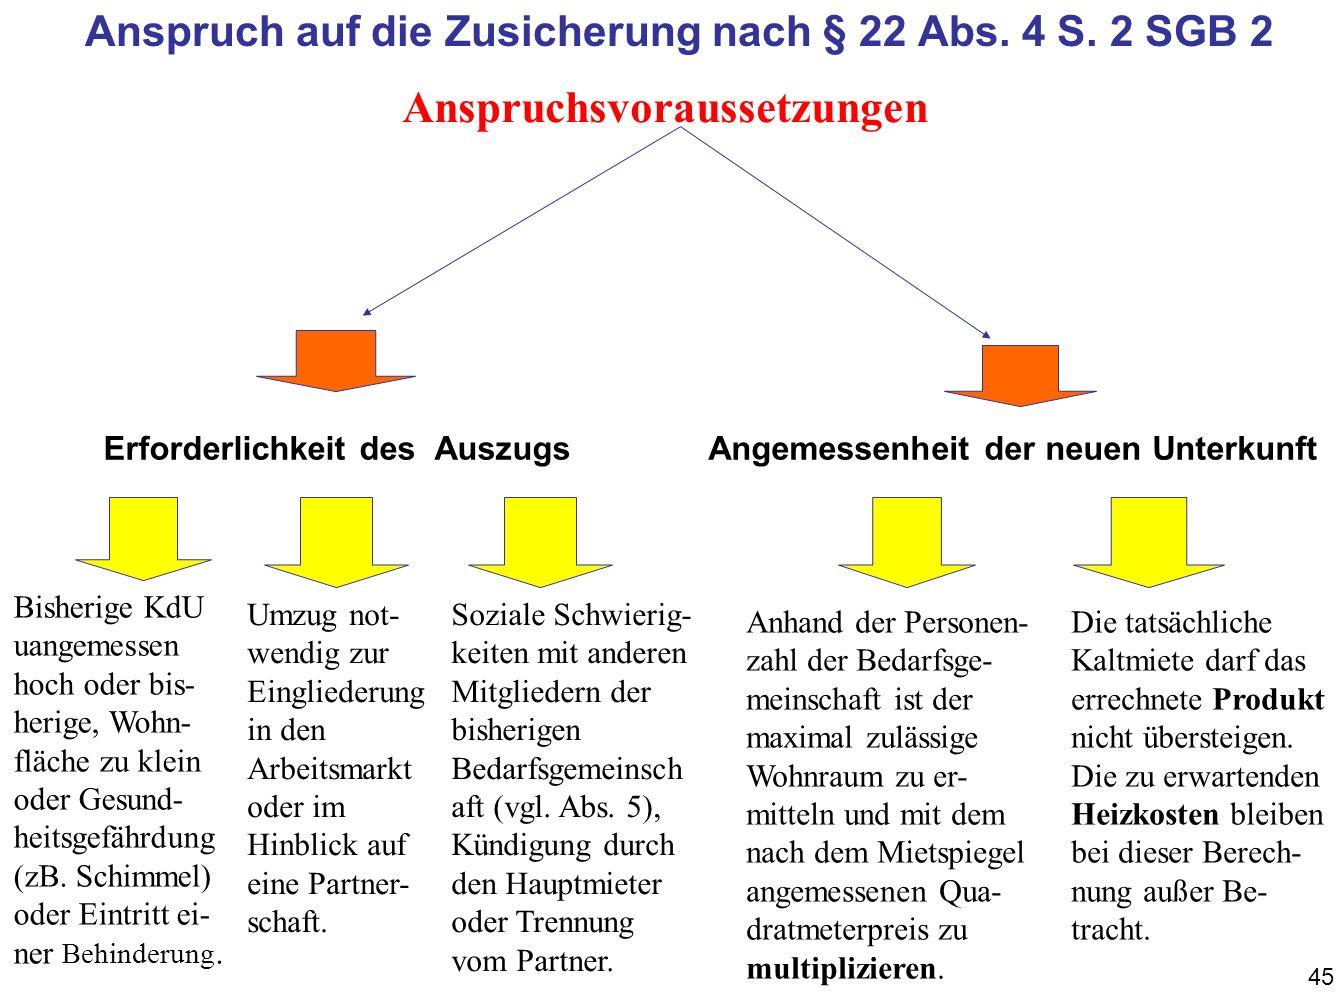 Anspruch auf die Zusicherung nach § 22 Abs. 4 S. 2 SGB 2